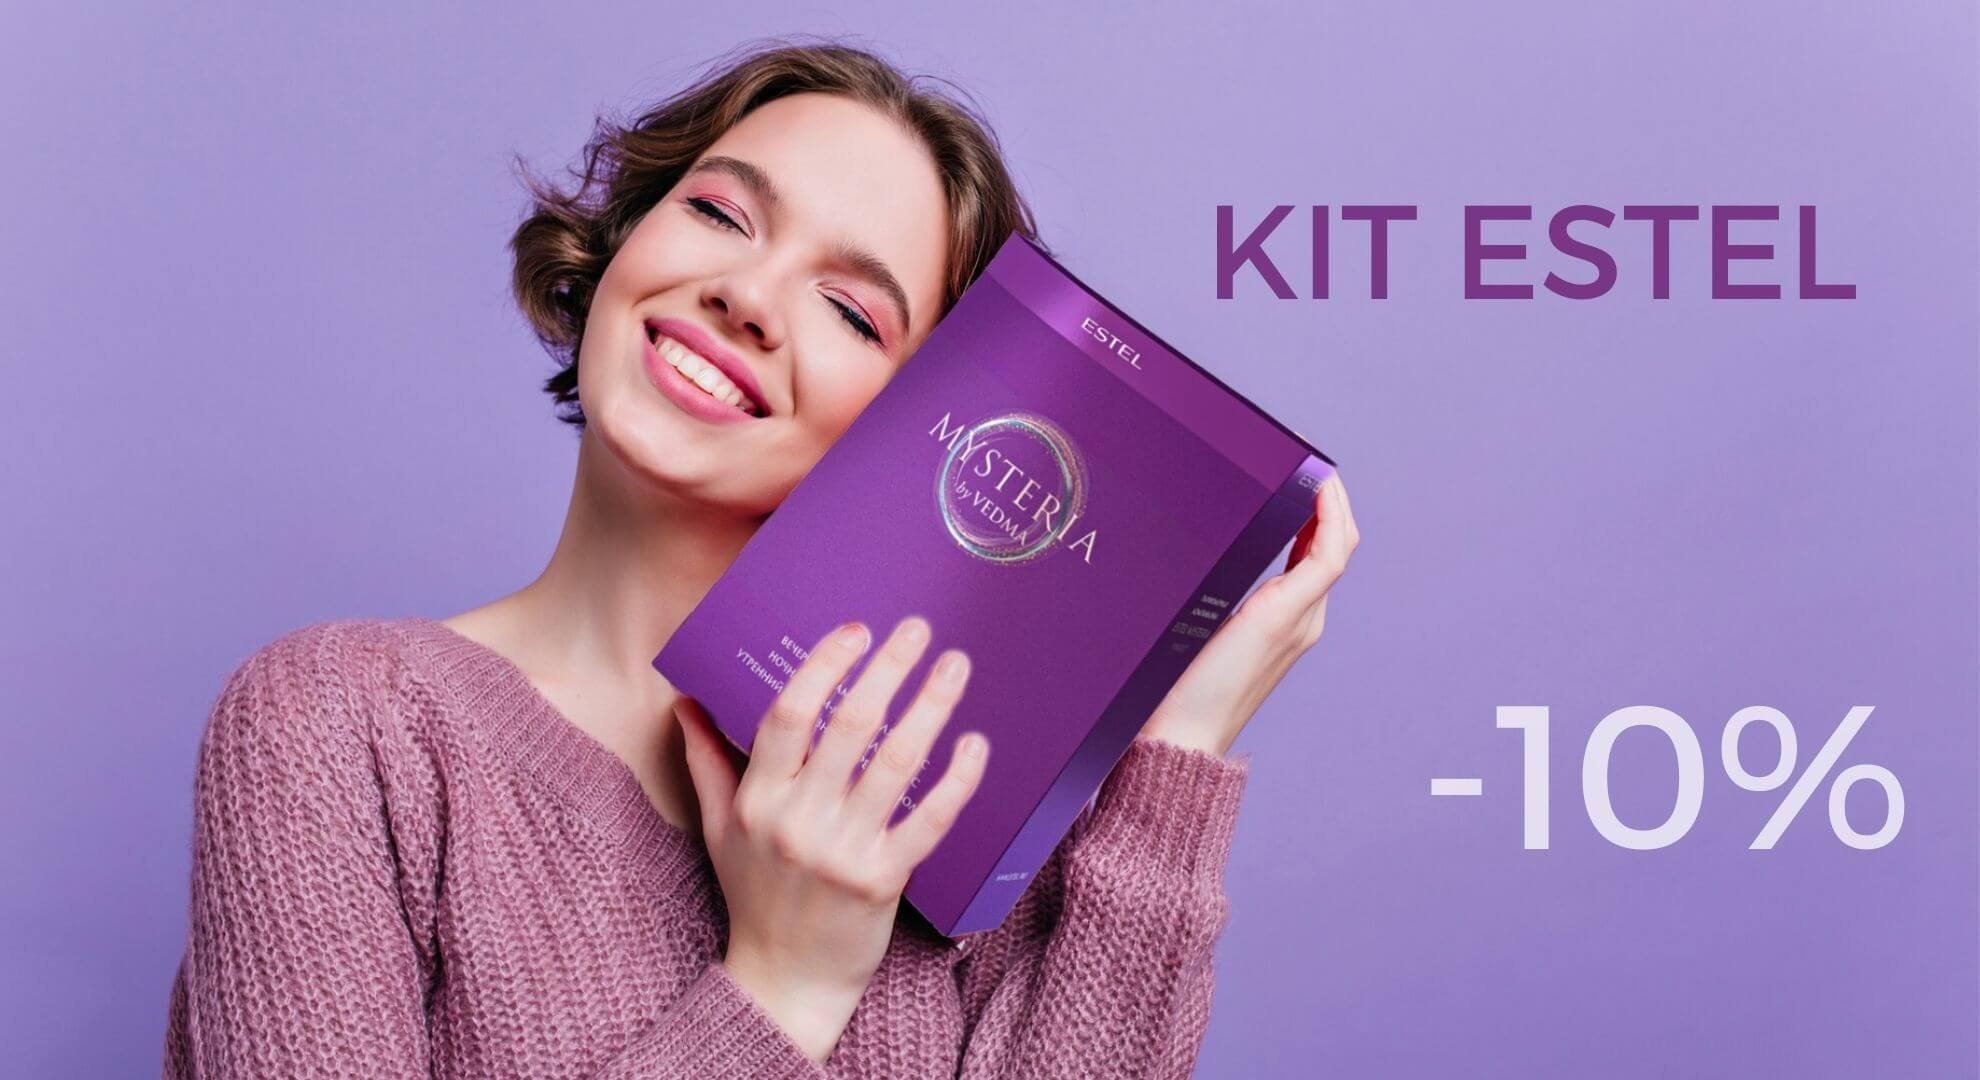 Kit ESTEL -10%